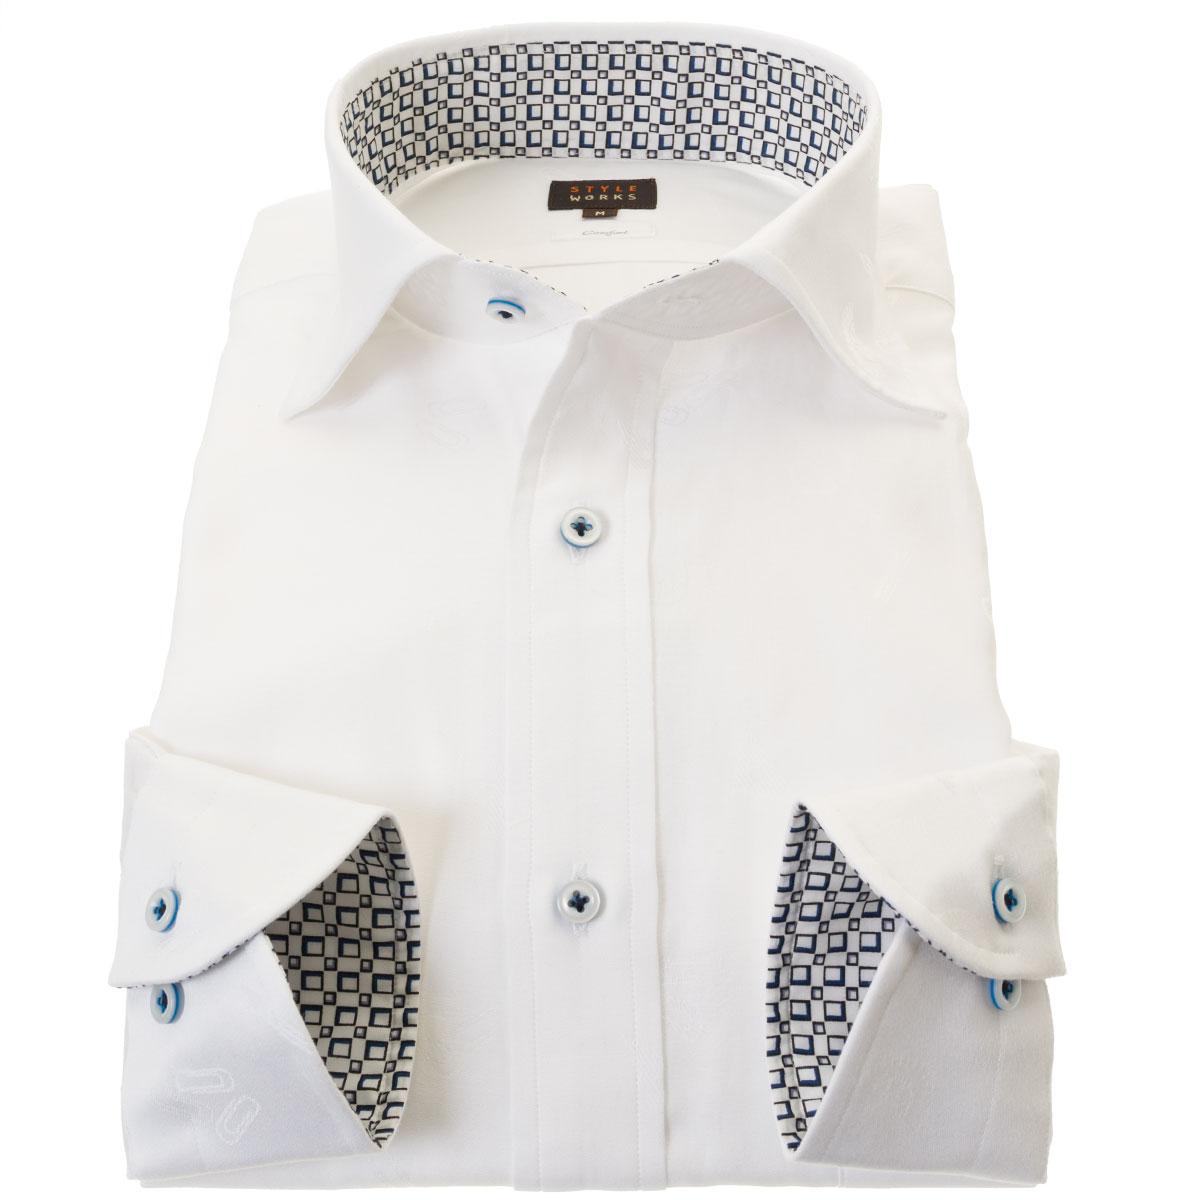 国産長袖綿100%ドレスシャツ コンフォート ワイドカラー ホワイト ジャガード織ドット柄 文房具 ステーショナリー メンズ